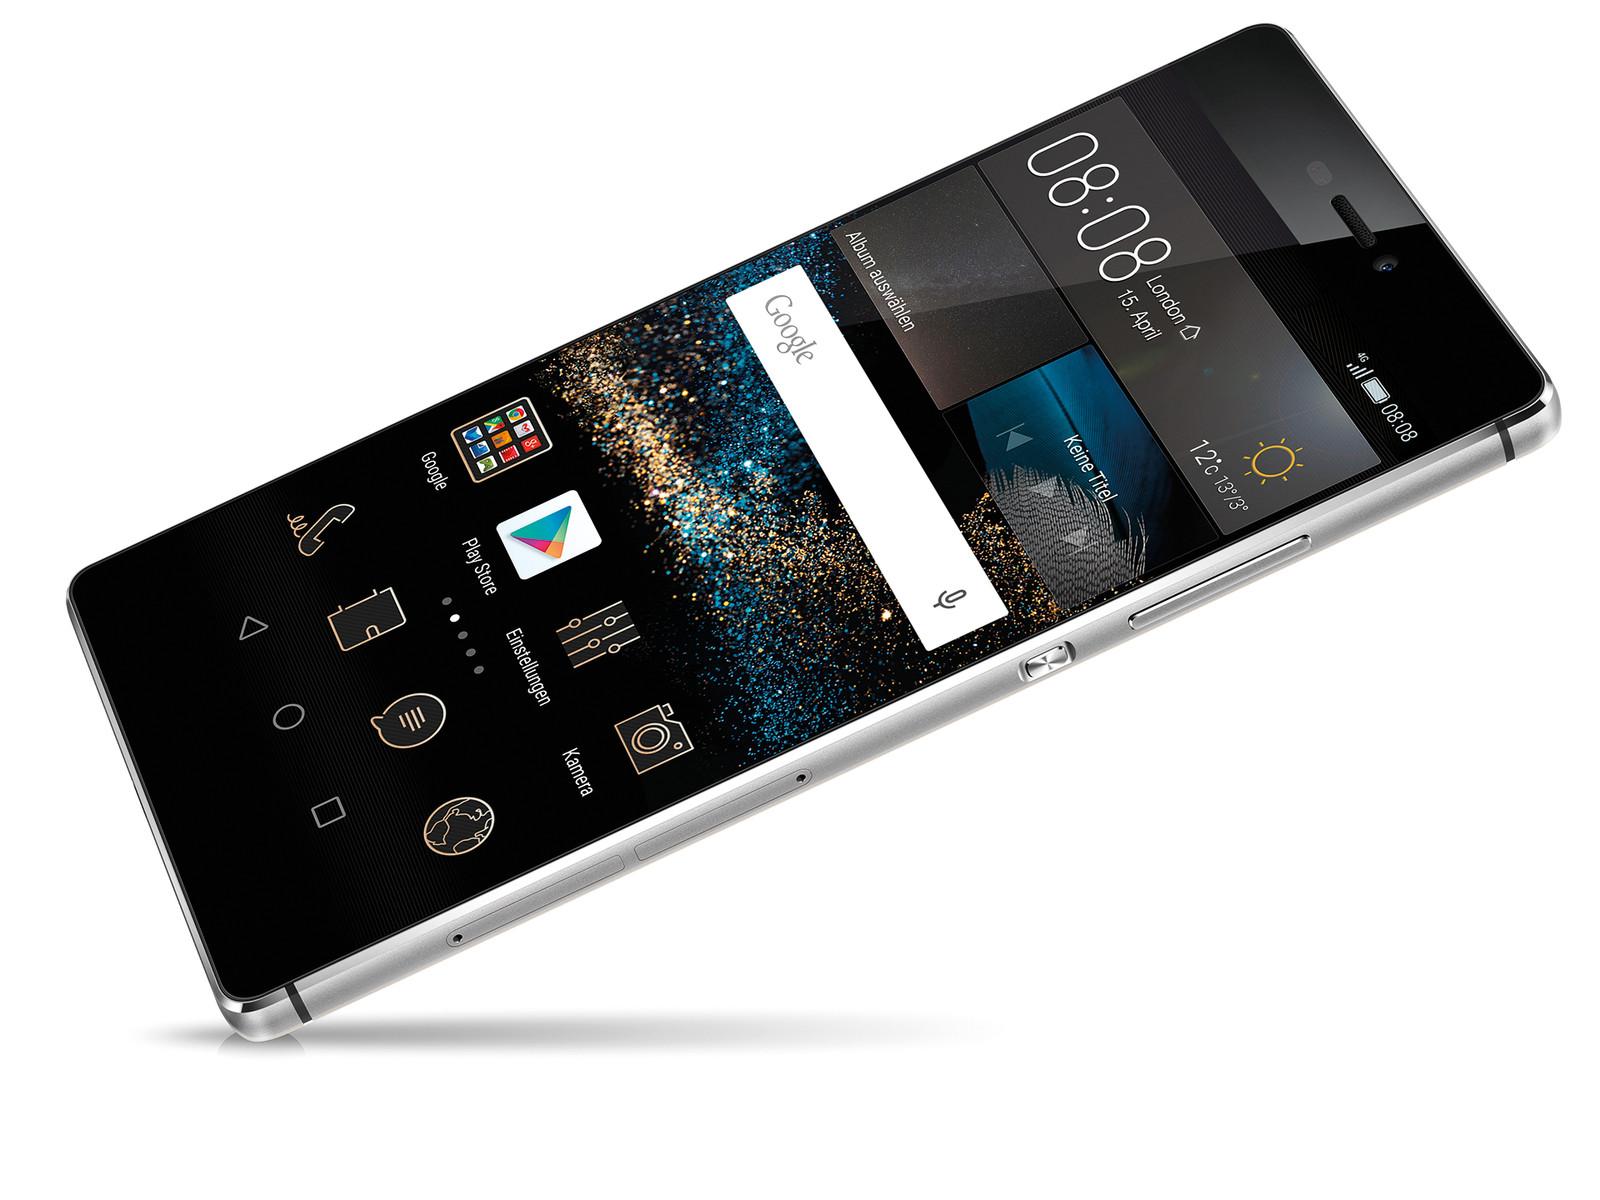 Huawei P8 Dispo Chez Bouygues Telecom Quel Forfait